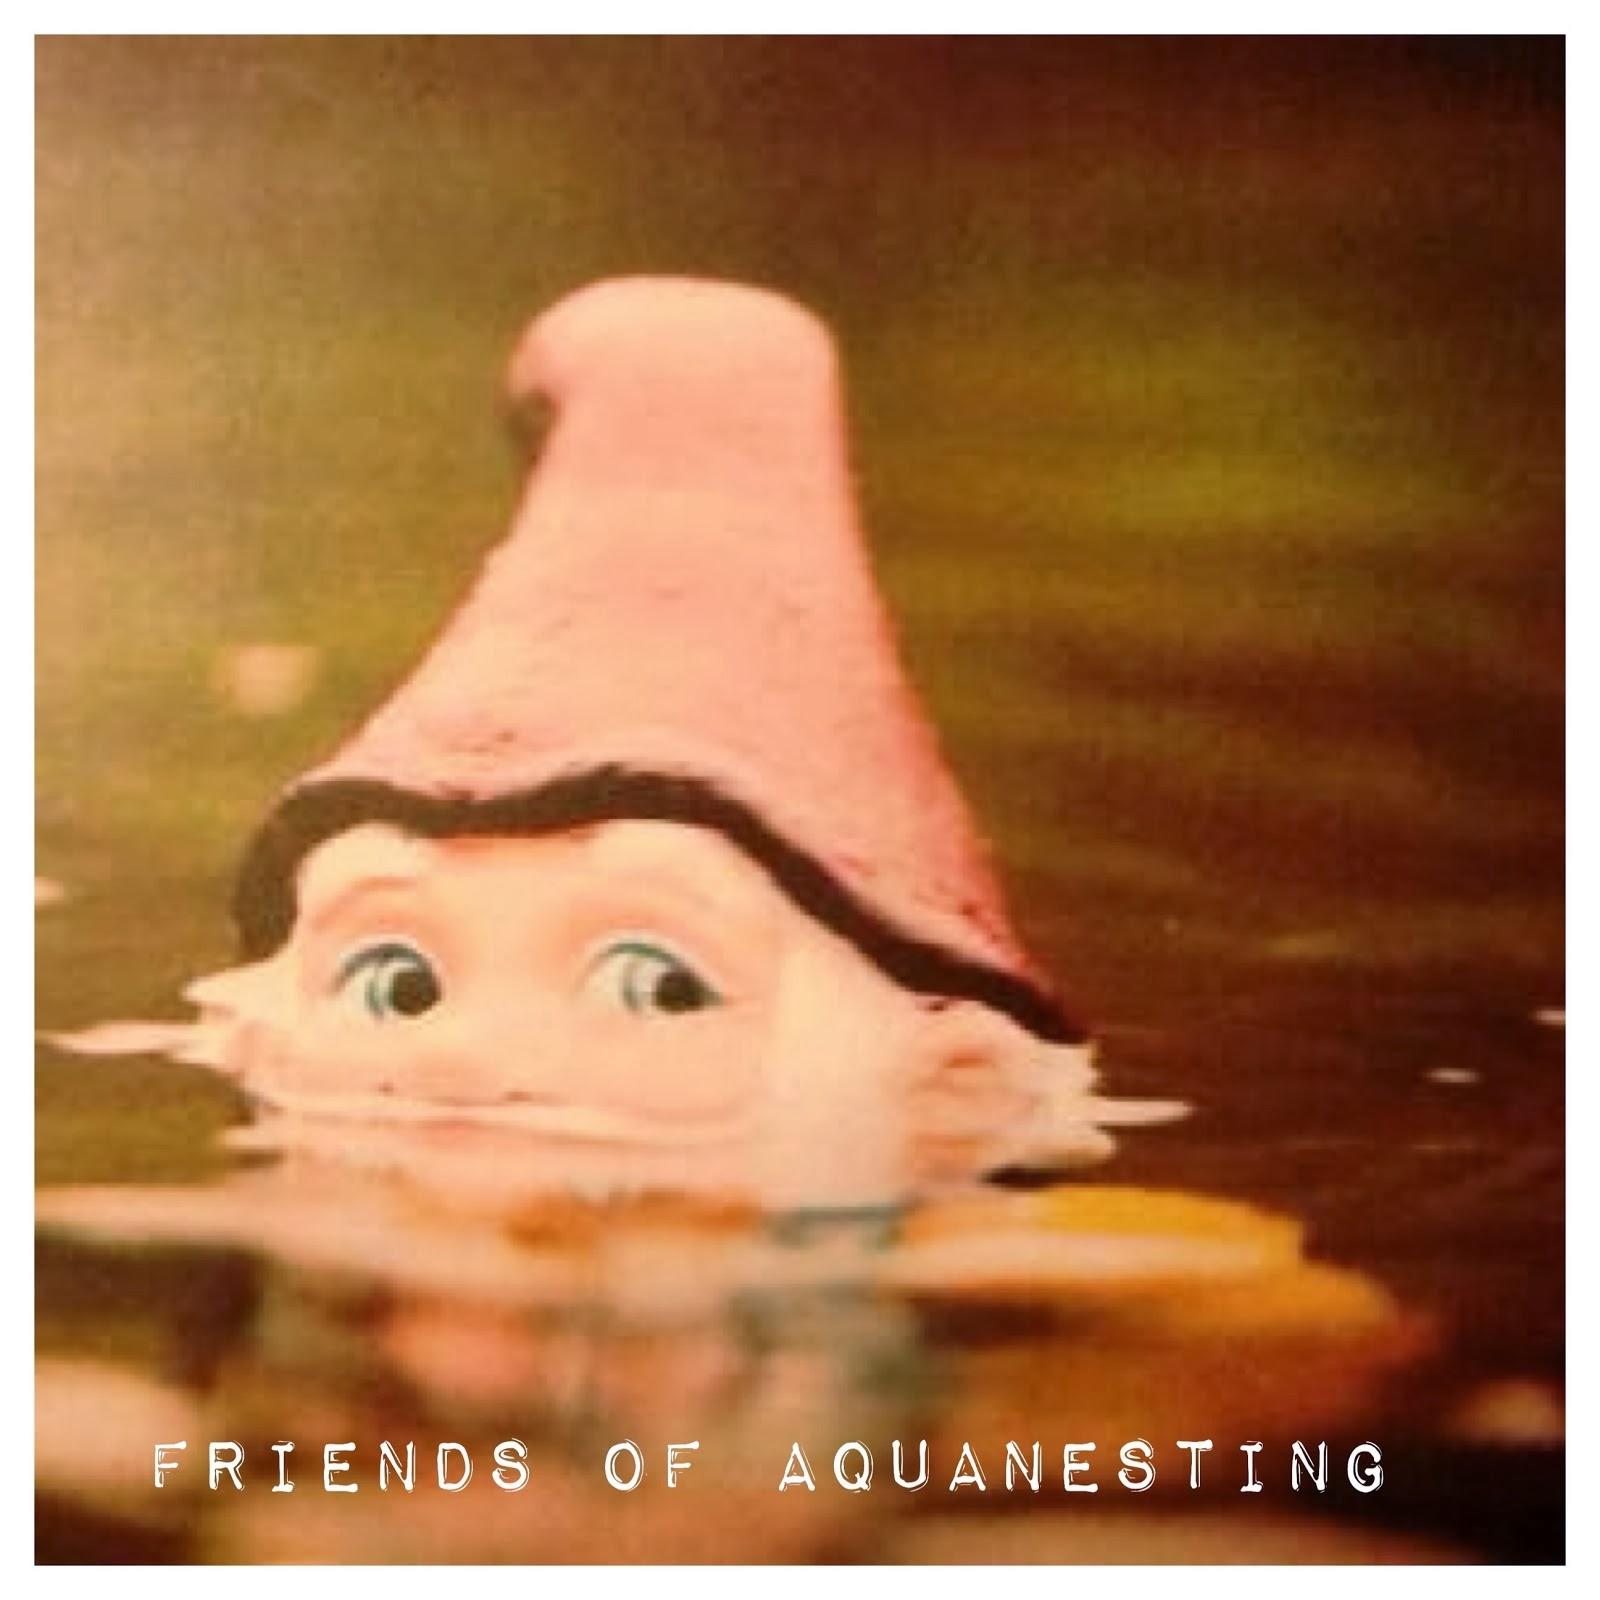 Febbraio 2020: Friends of Aquanesting dal 28 febbraio all'1 marzo 2020.